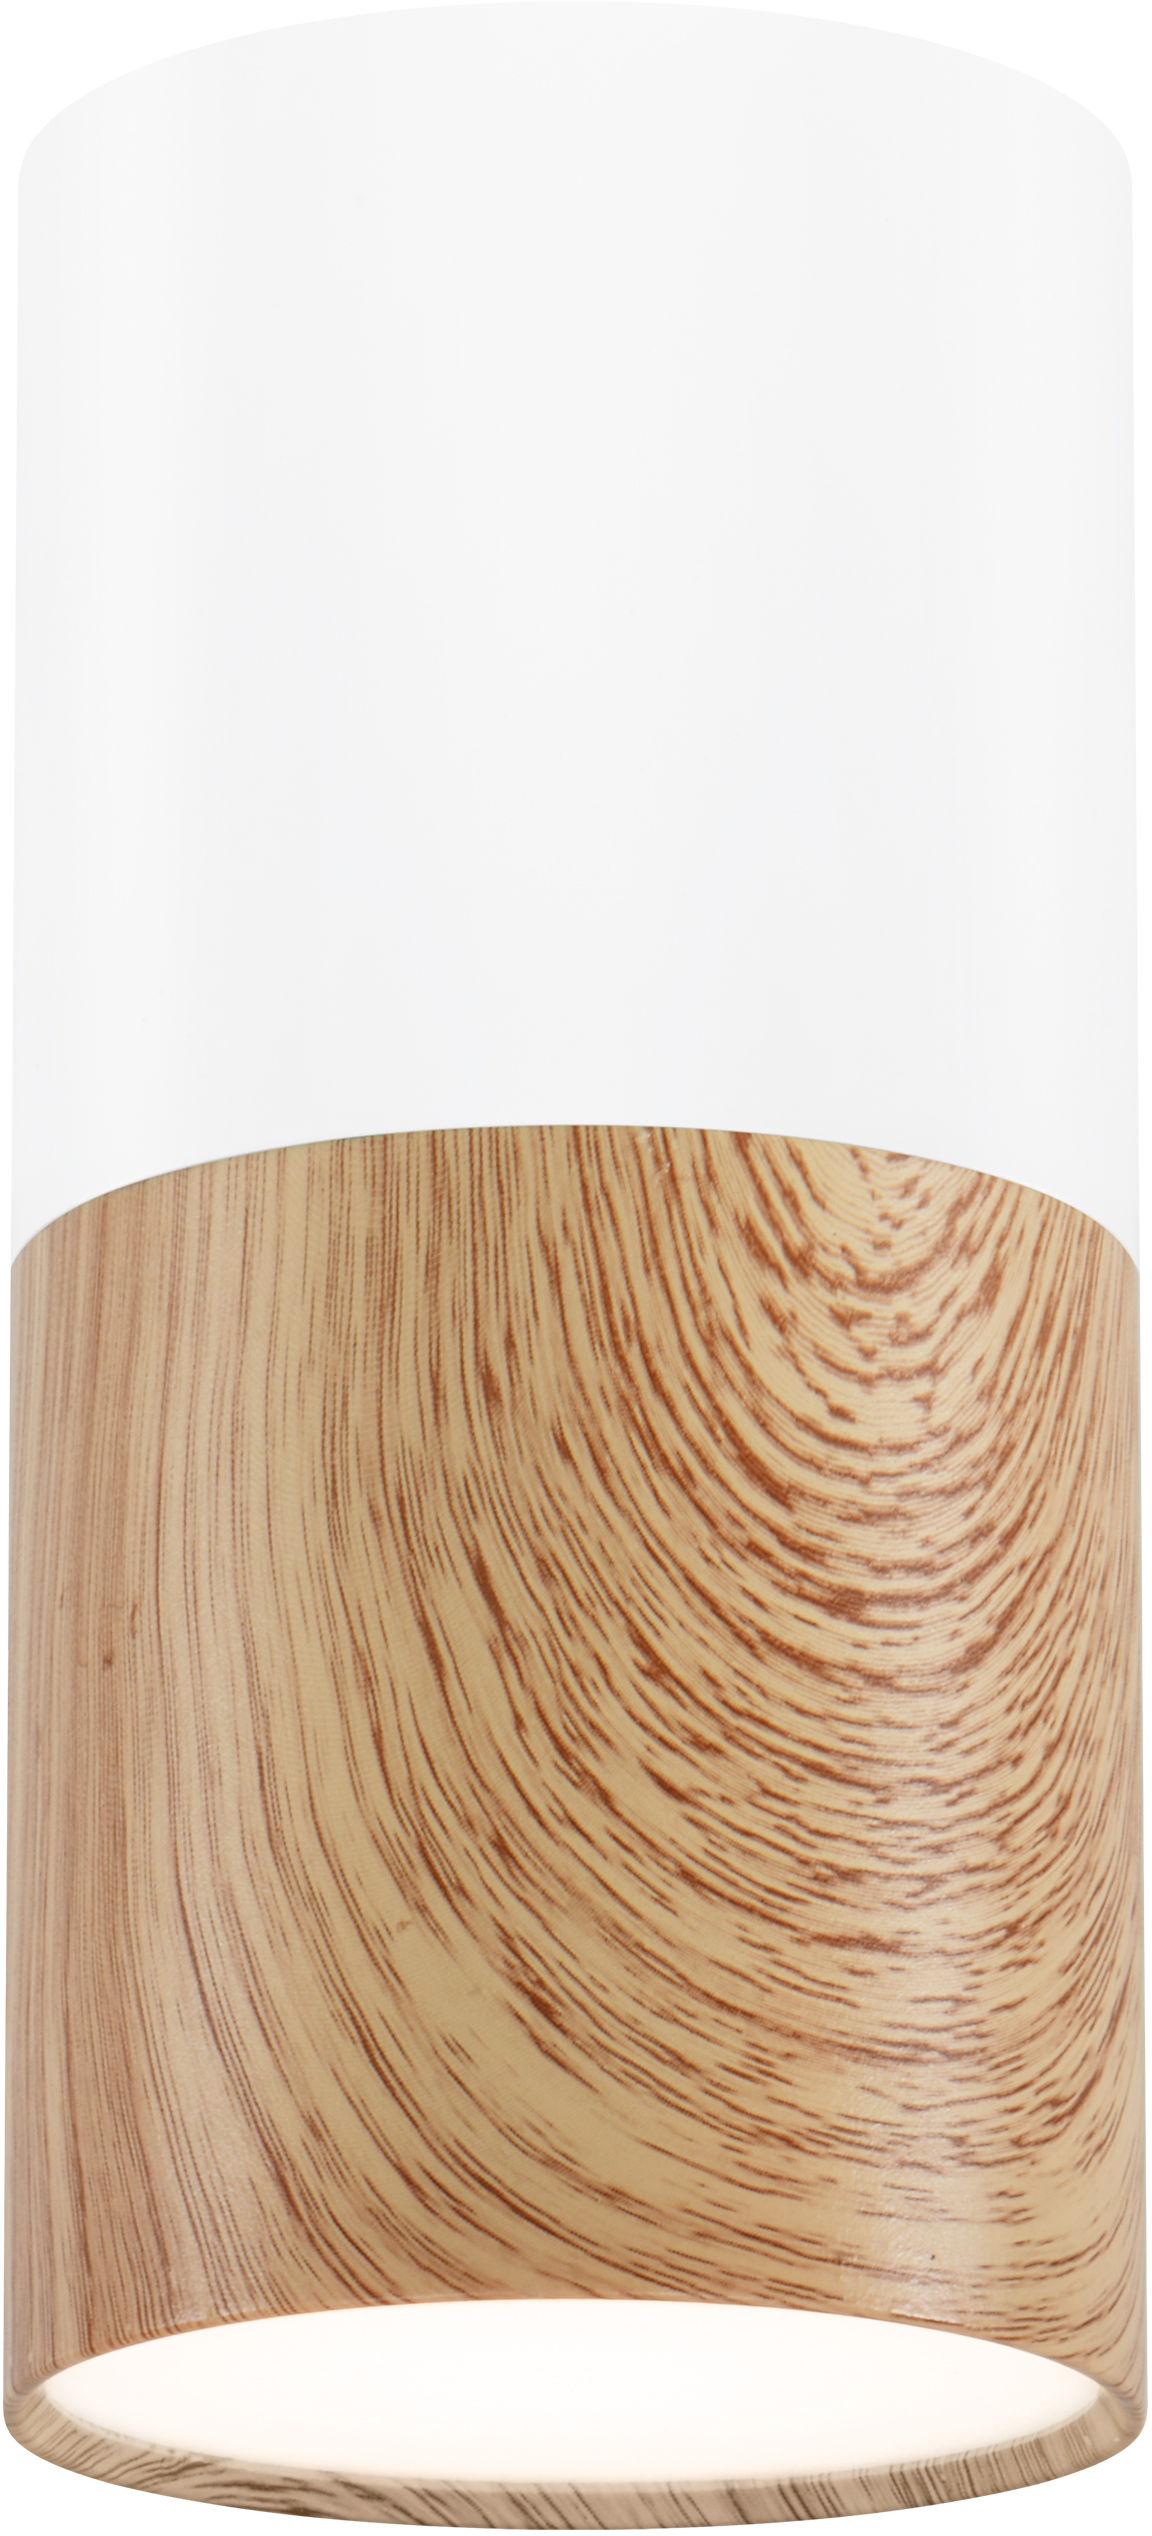 Candellux TUBA 2273655 oprawa stropowa natynkowa drewniany biały 1X50W GU10 13 cm